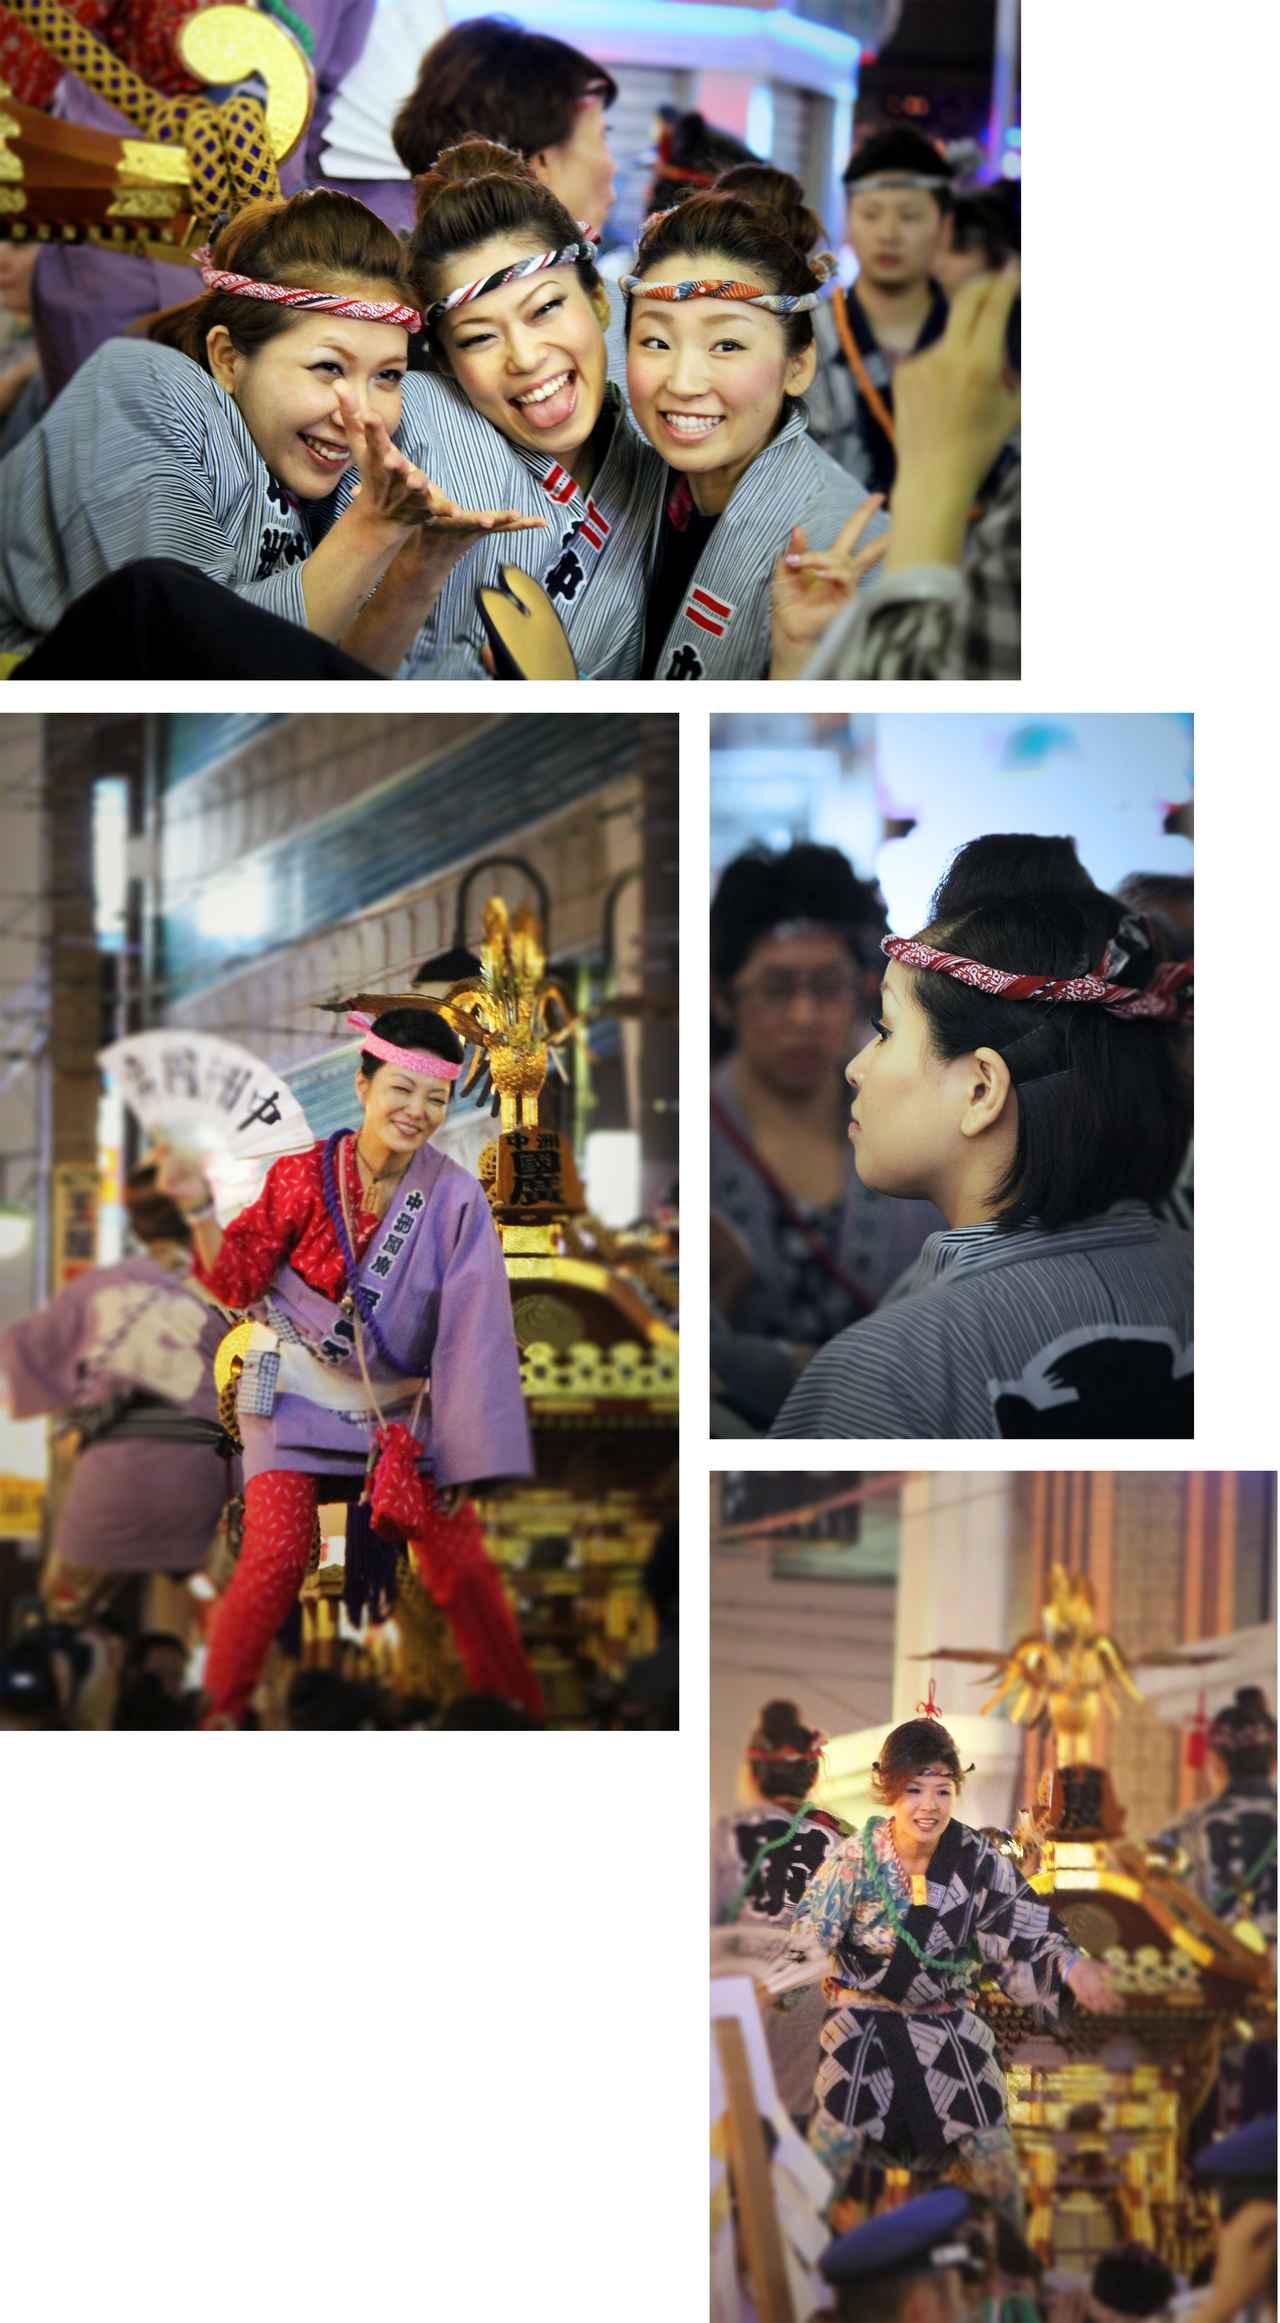 画像3: 博多によーきんしゃったね!  グローバルでディープな博多の今をリアルにレポート! 「博多の秋祭り第二弾! 中洲まつりとは?!」編〜